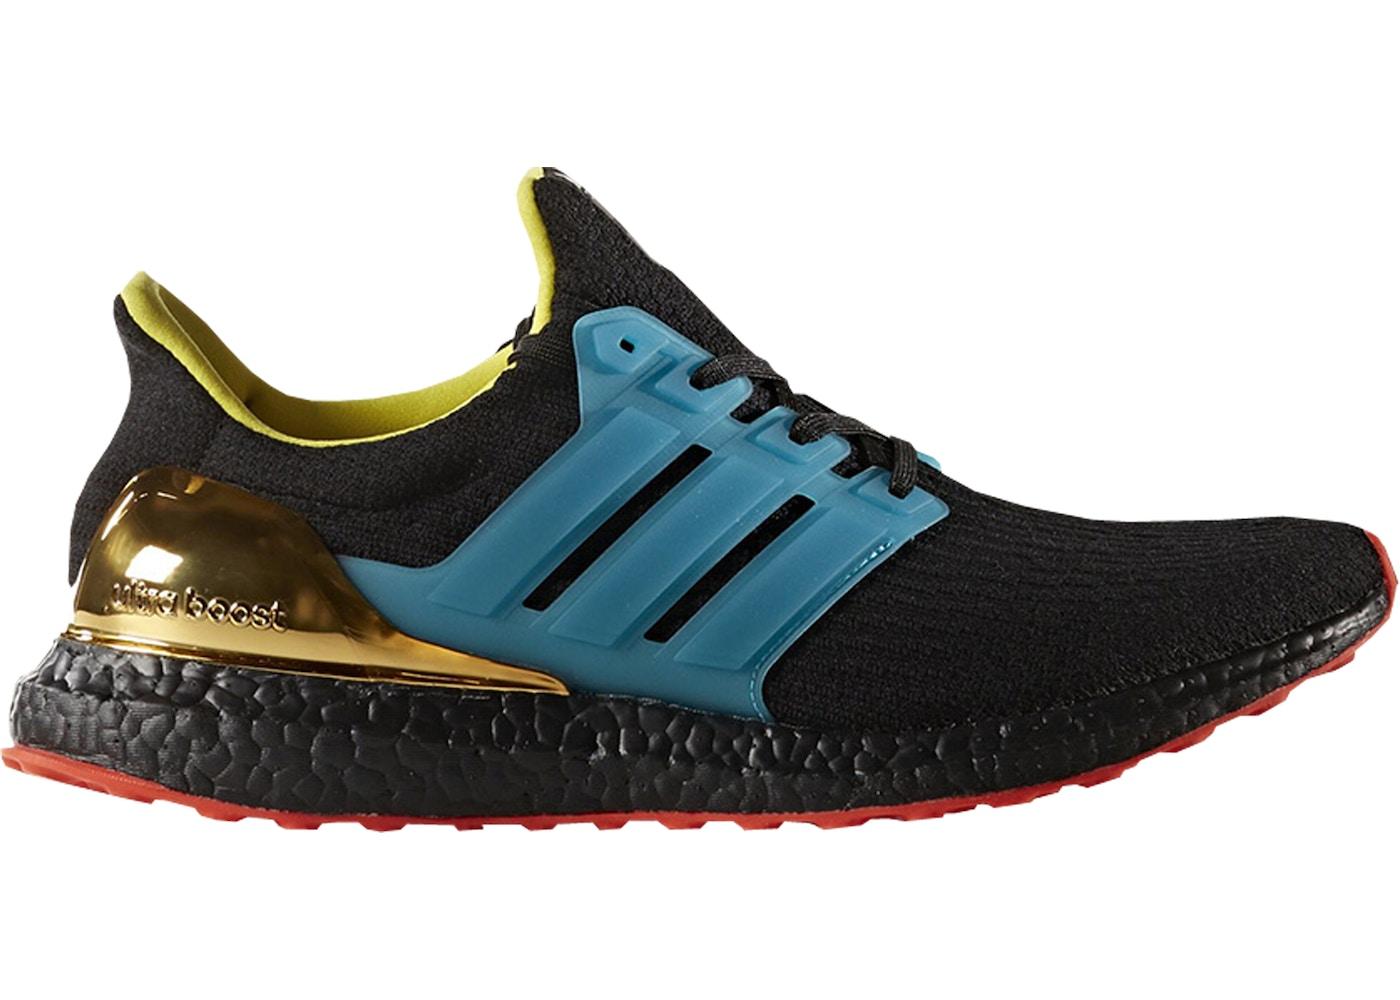 on sale 5ad73 81096 adidas Ultra Boost 3.0 Kolor Black - AH1485